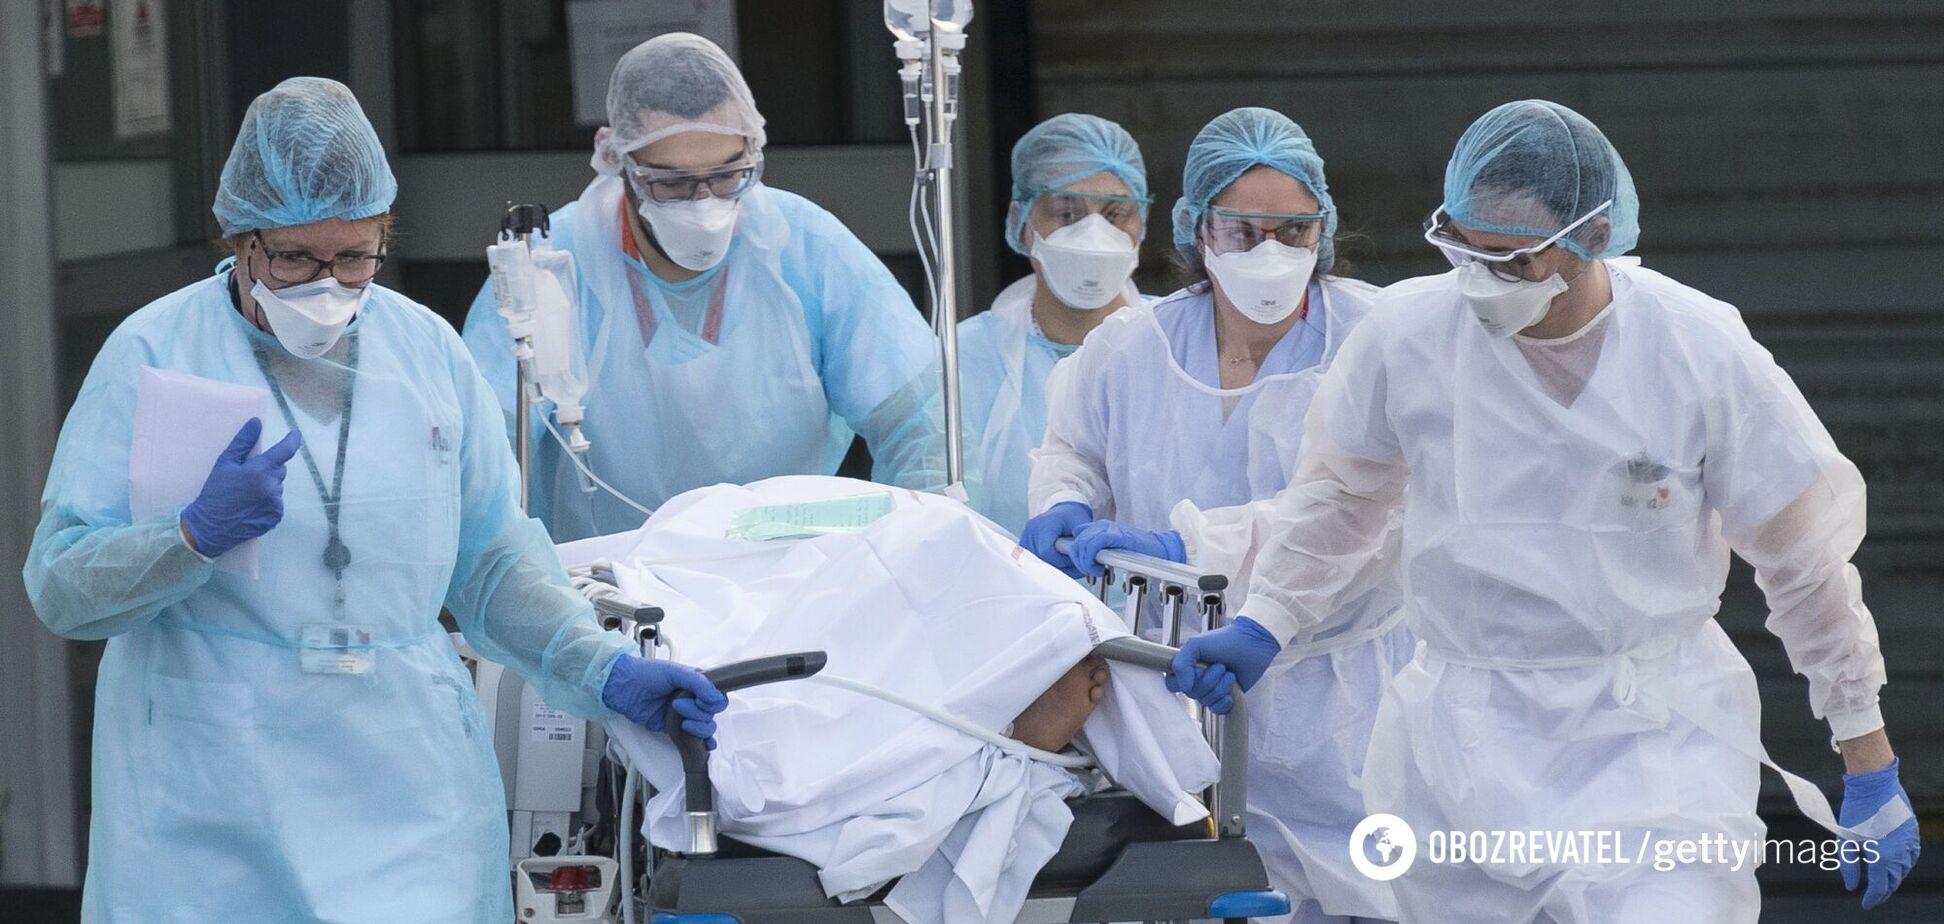 В Киеве выявили новые случаи штамма Дельта: врачи призвали срочно вакцинироваться, чтобы не умереть